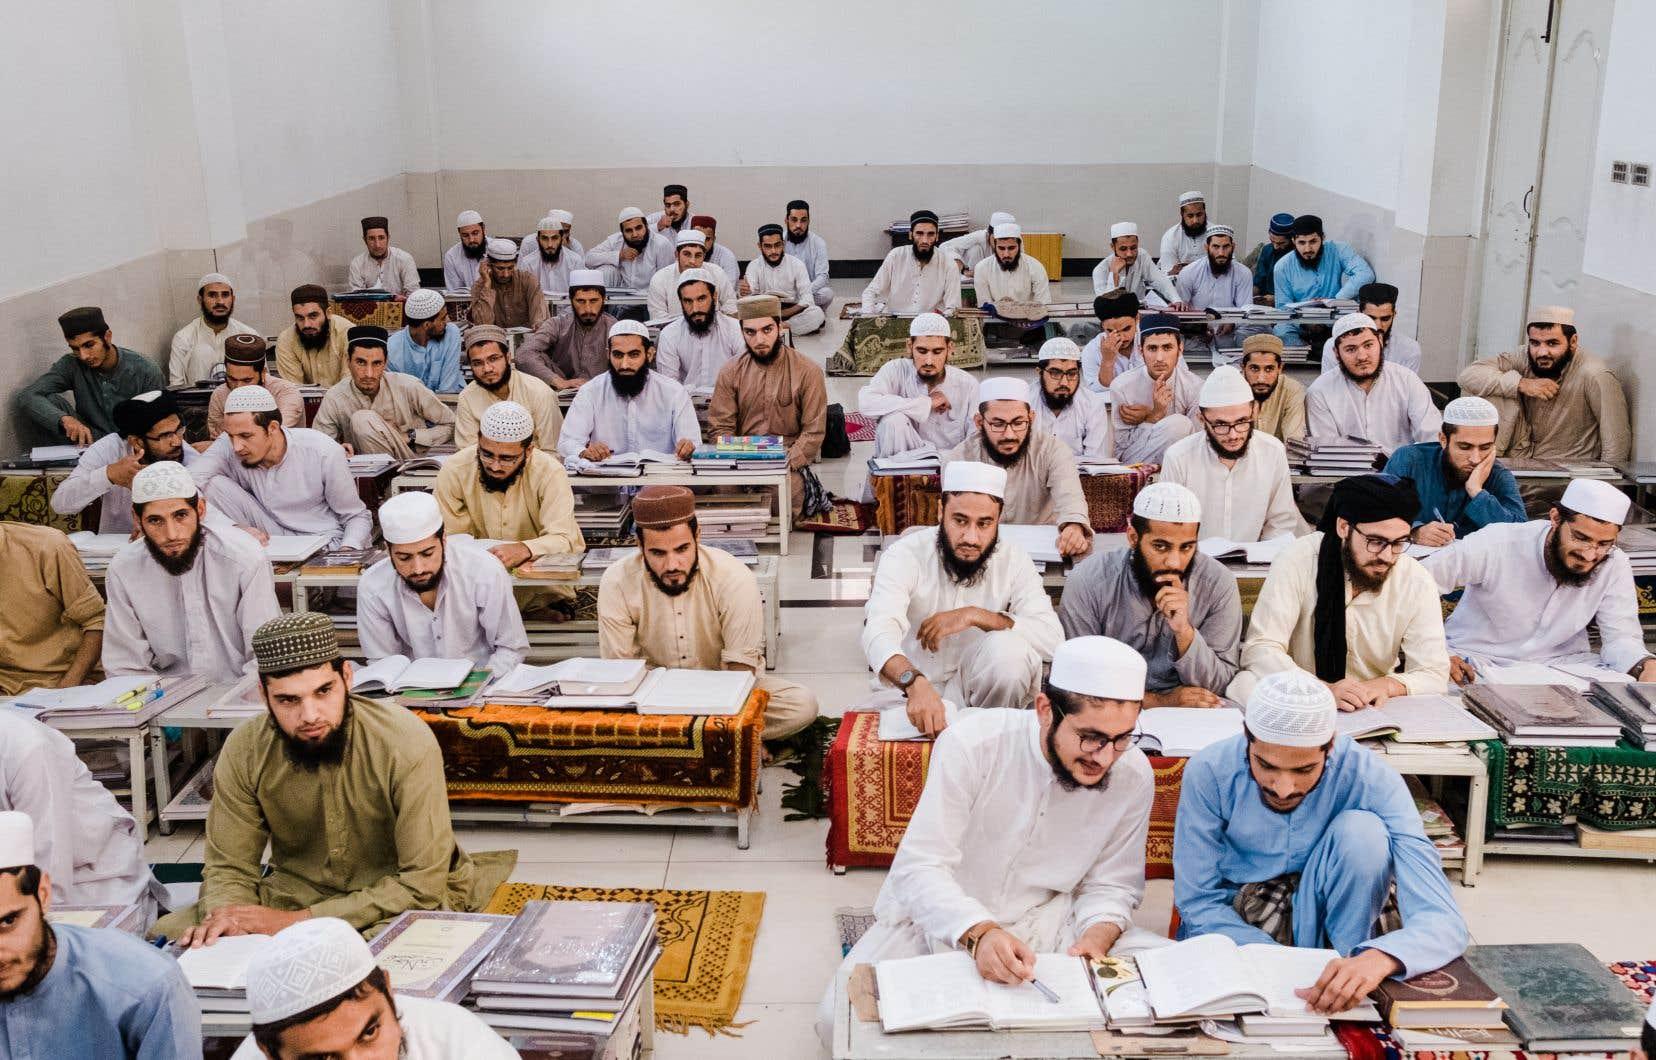 Dans les classes réparties sur plusieurs étages autour d'une cour intérieure, les élèves de la «madrasa» Jamia Usmania — qui accueille des garçons dont l'âge va de huitans à la vingtaine — suivent, collés les uns aux autres, les enseignements de leurs professeurs.